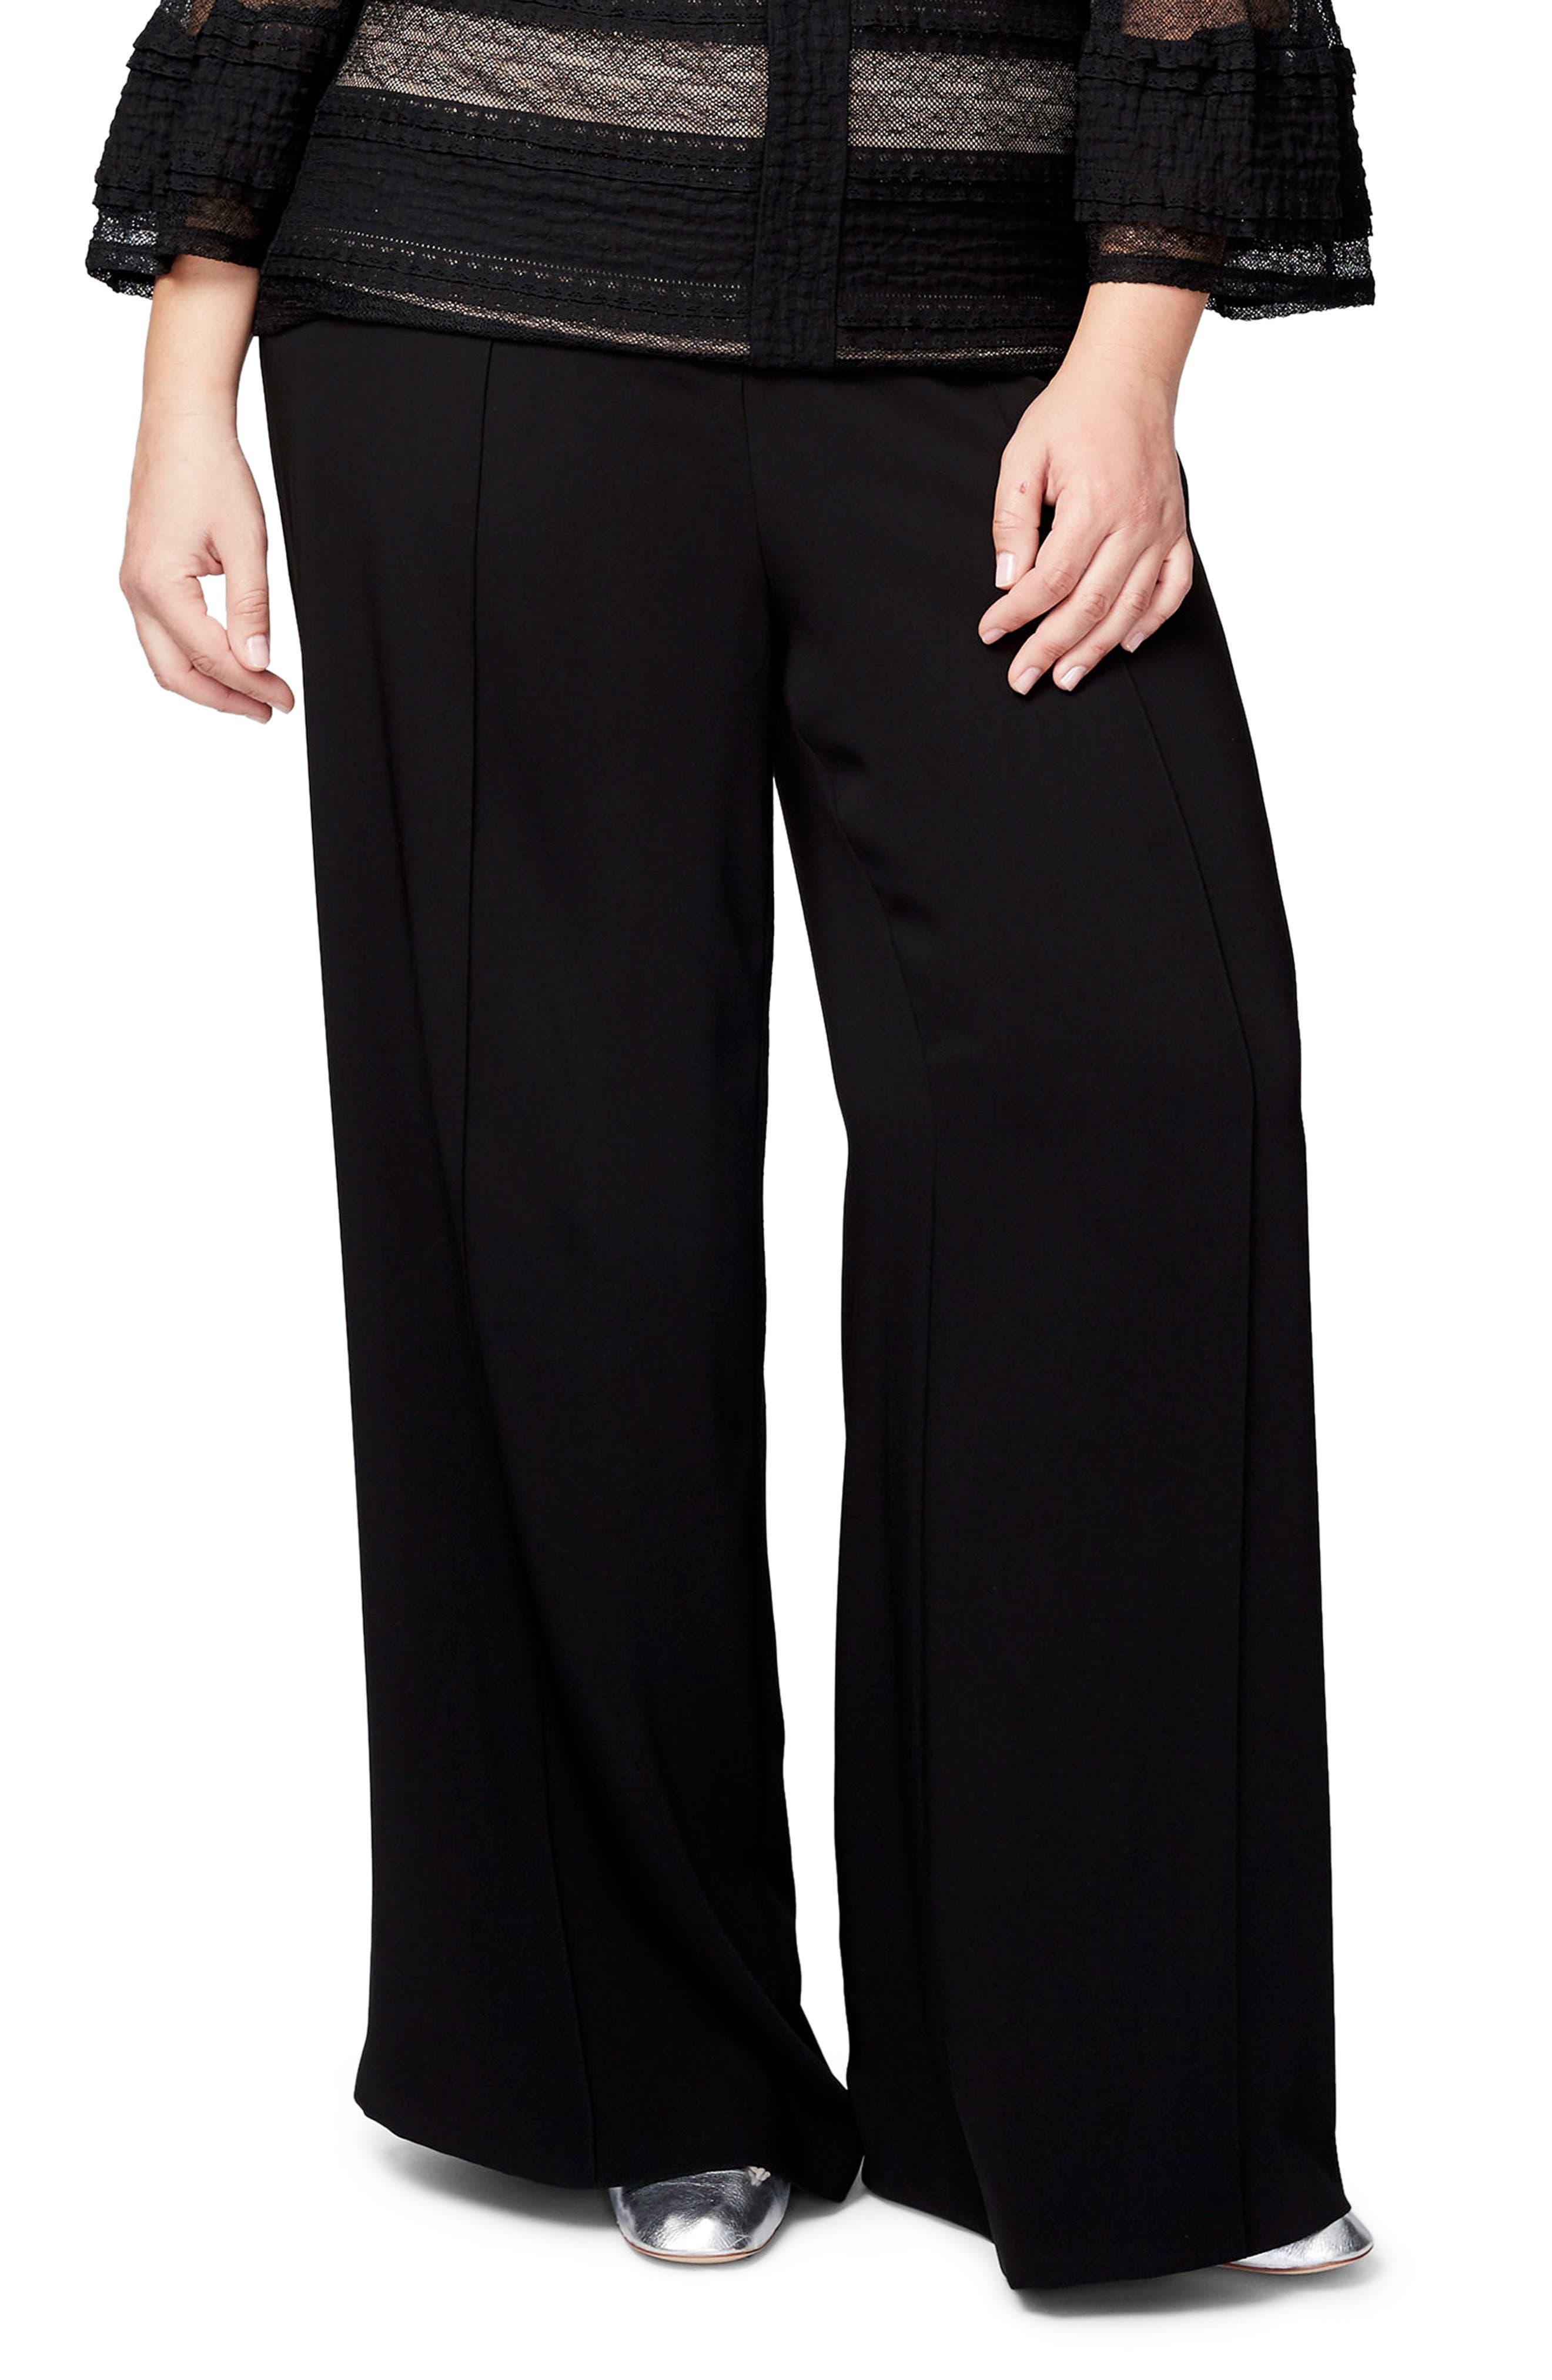 Denise Wide Leg Pants,                         Main,                         color, Black